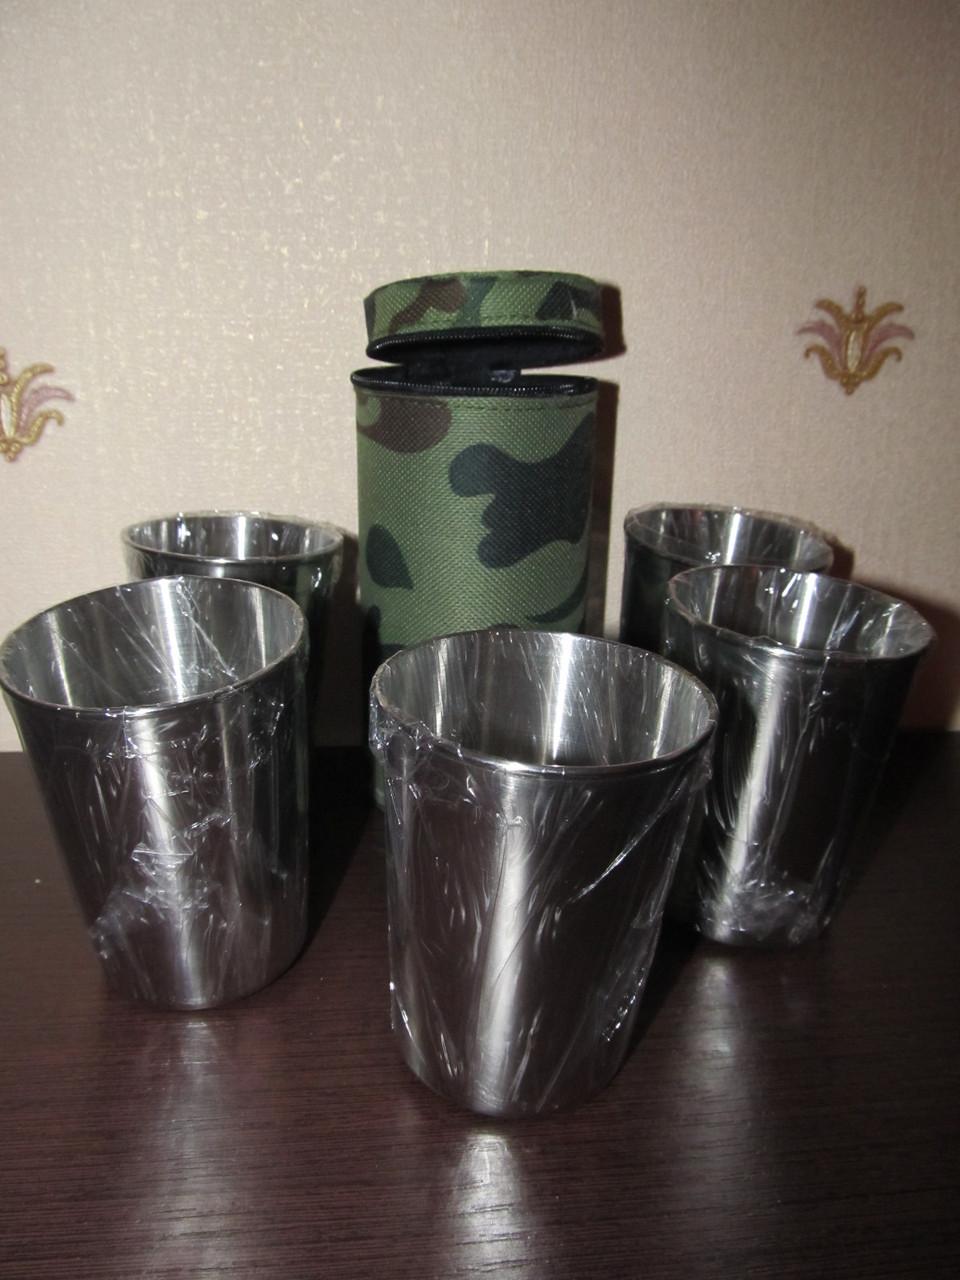 Набор стаканов в камуфляжном футляре 5 штук, высота 8 см.